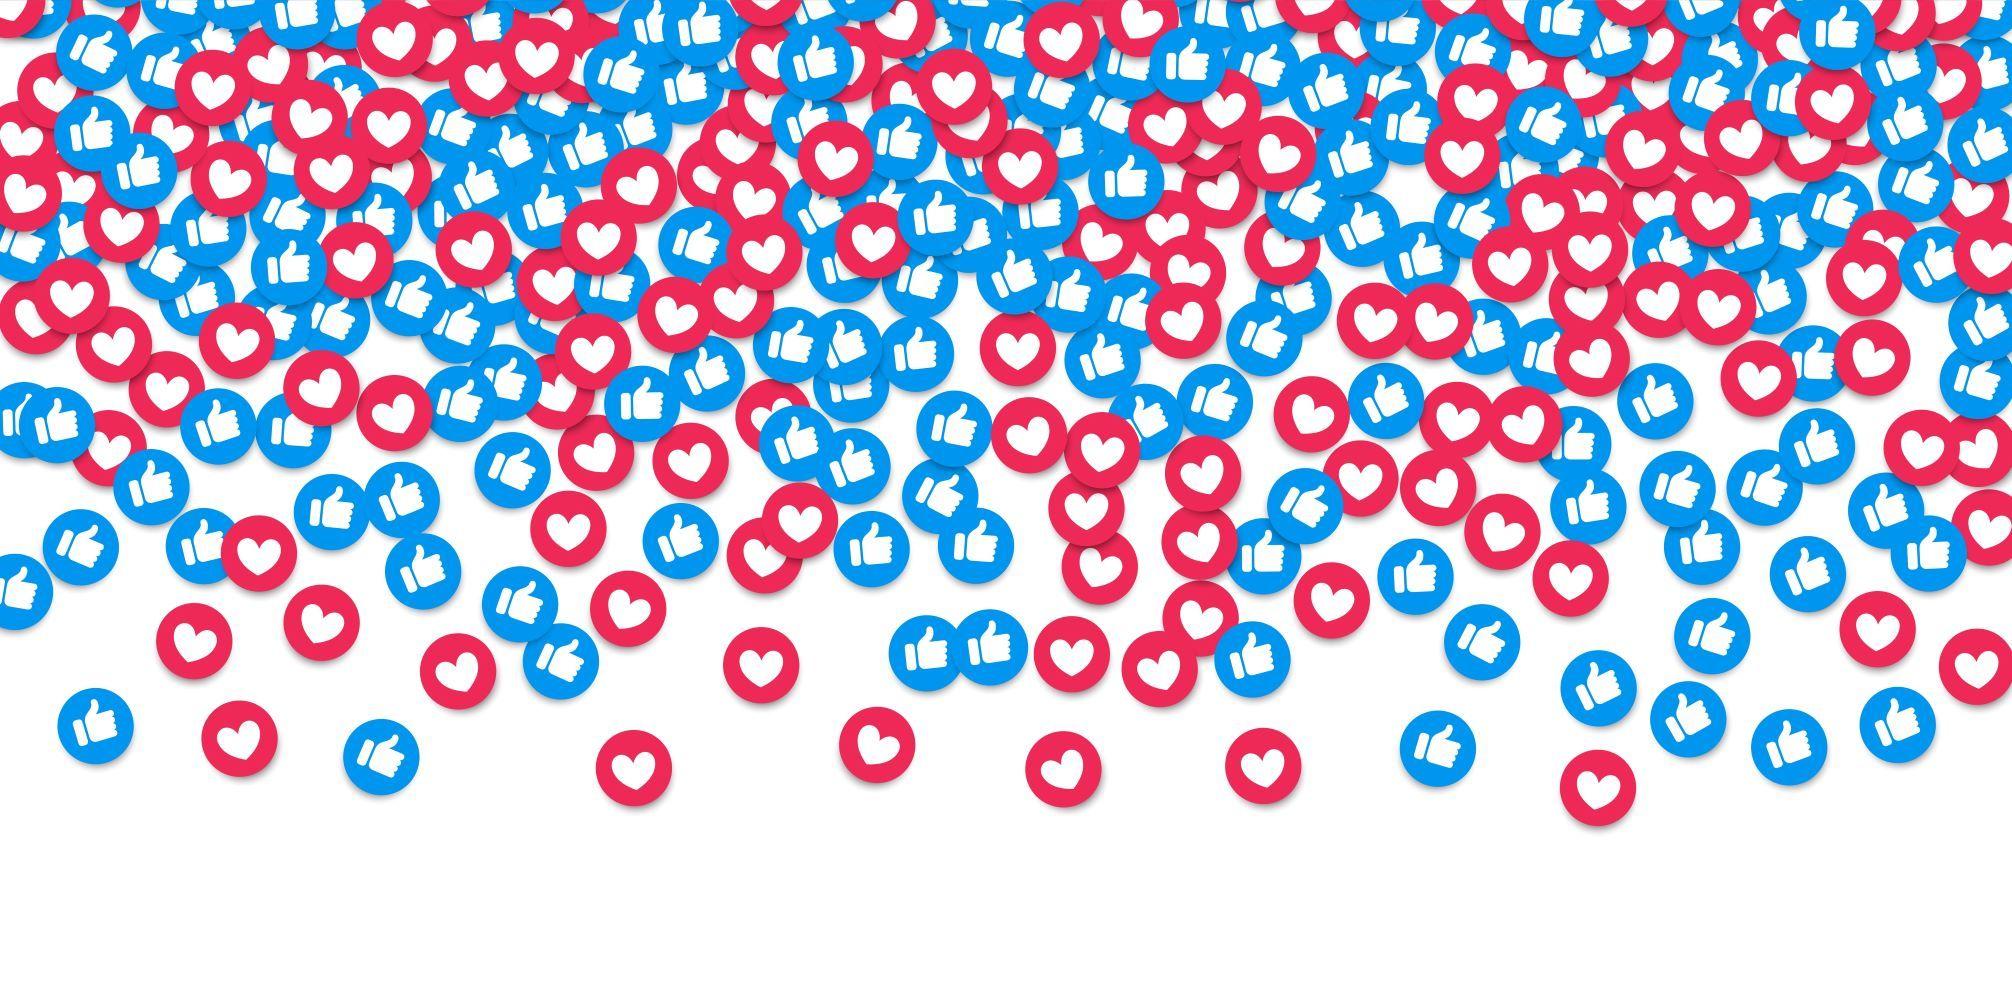 كيف يمكن للشركات الناشئة في الشرق الأوسط الاستفادة من وسائل التواصل الاجتماعي